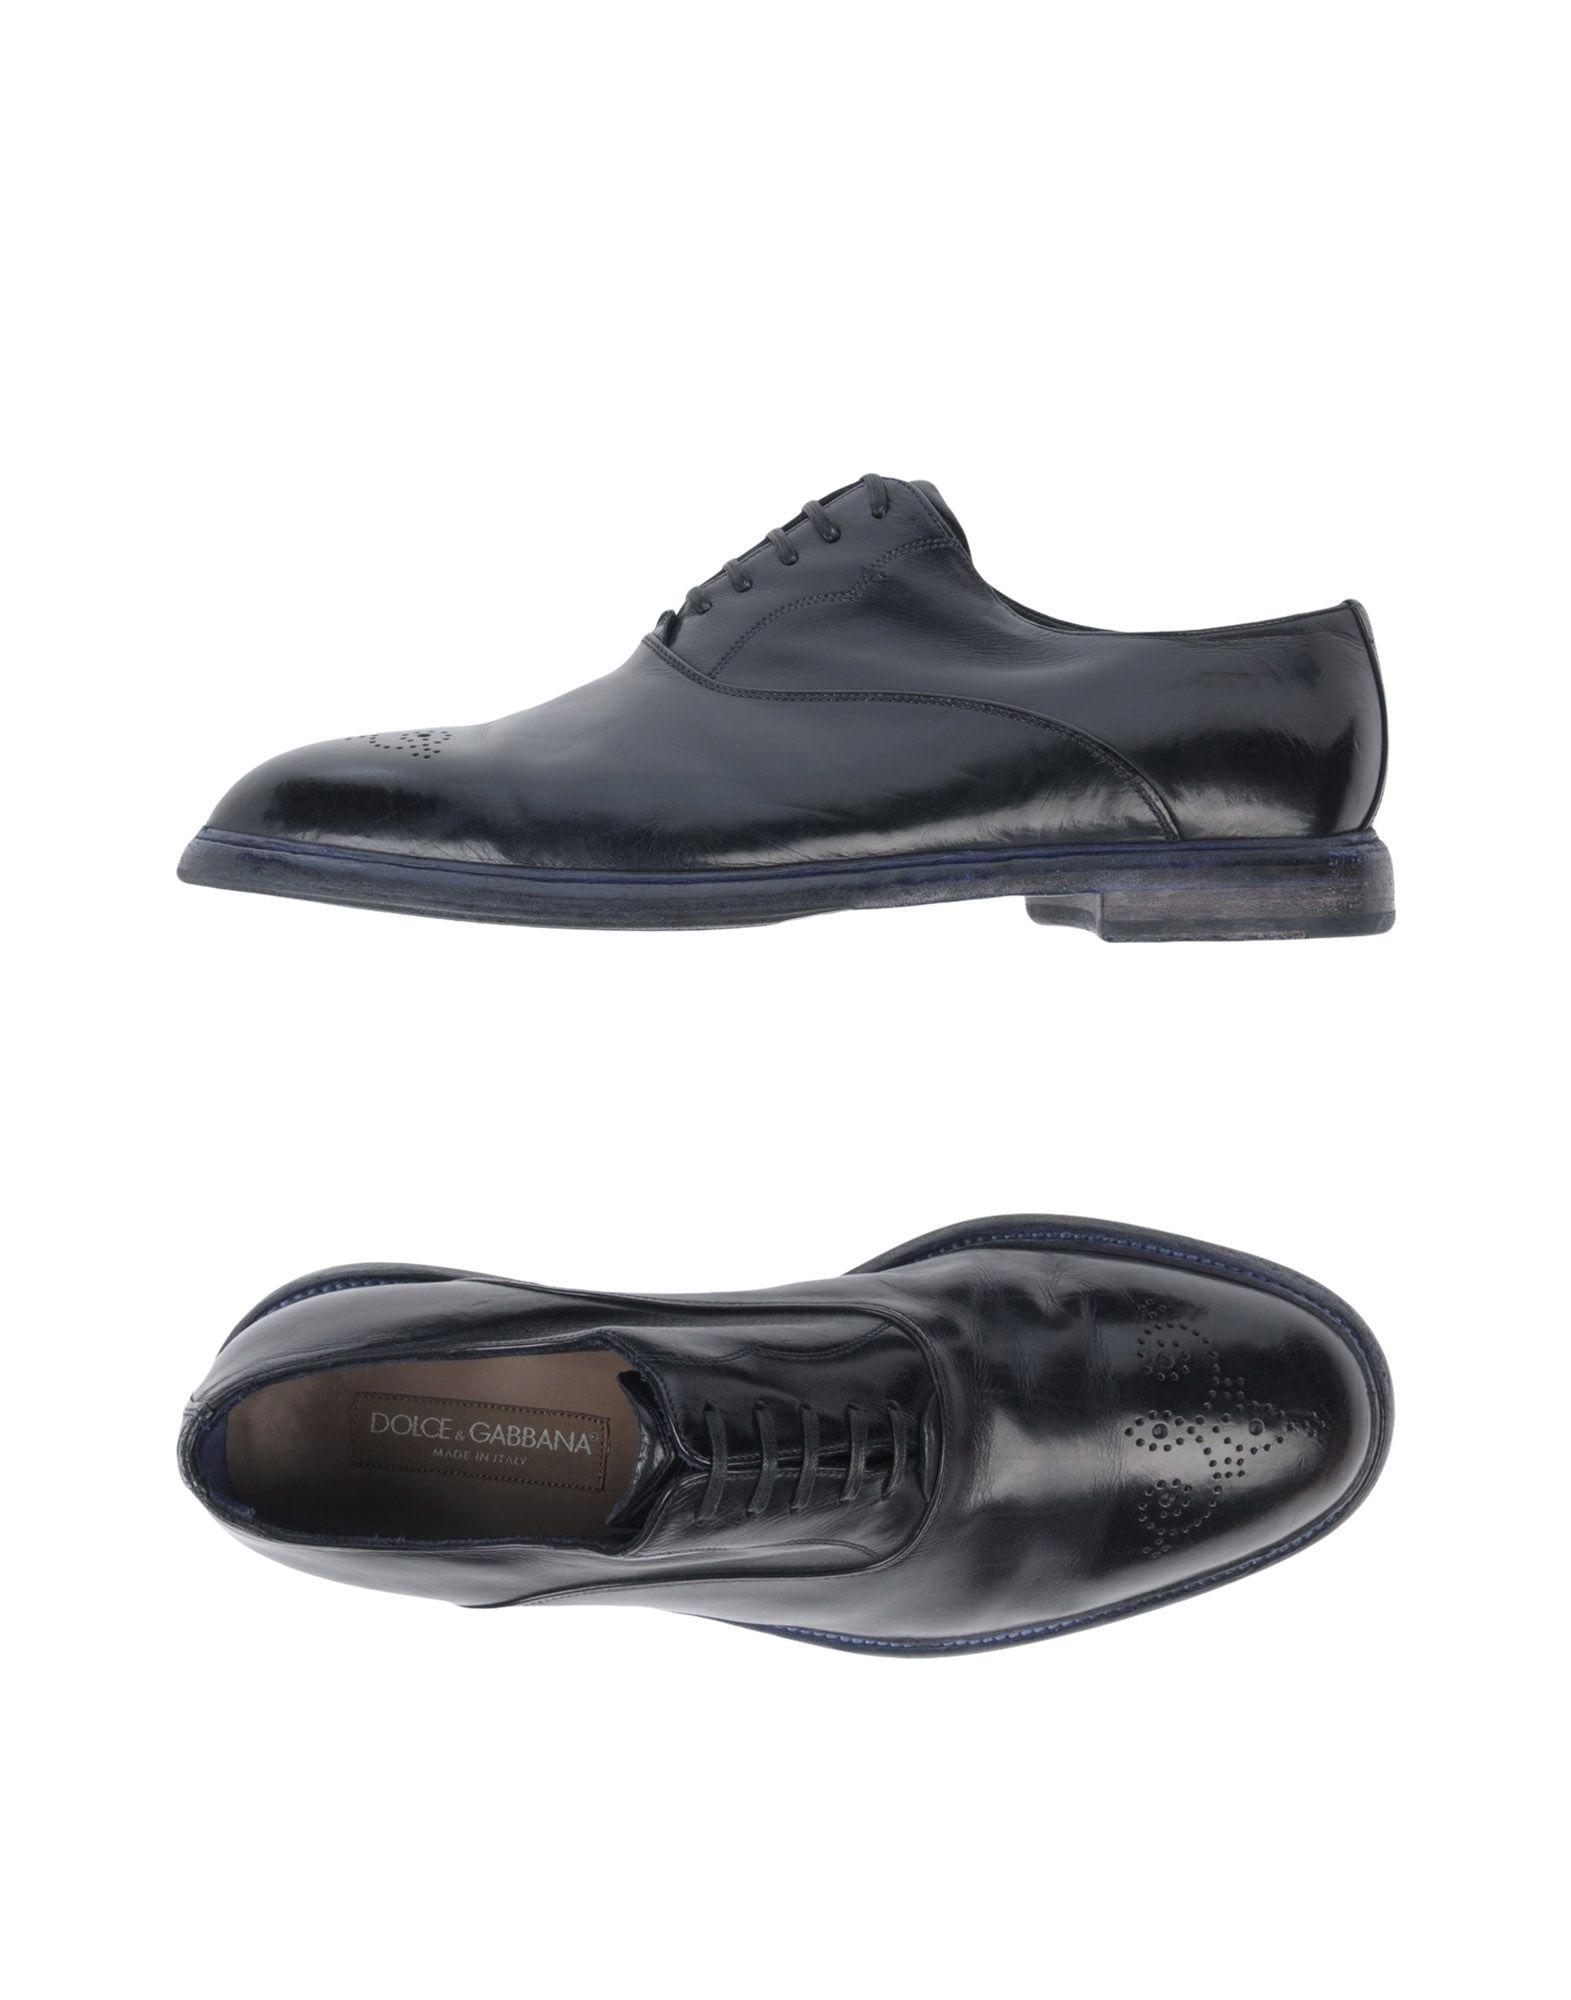 Dolce & Gabbana Schnürschuhe Herren  11356897GB Gute Qualität beliebte Schuhe